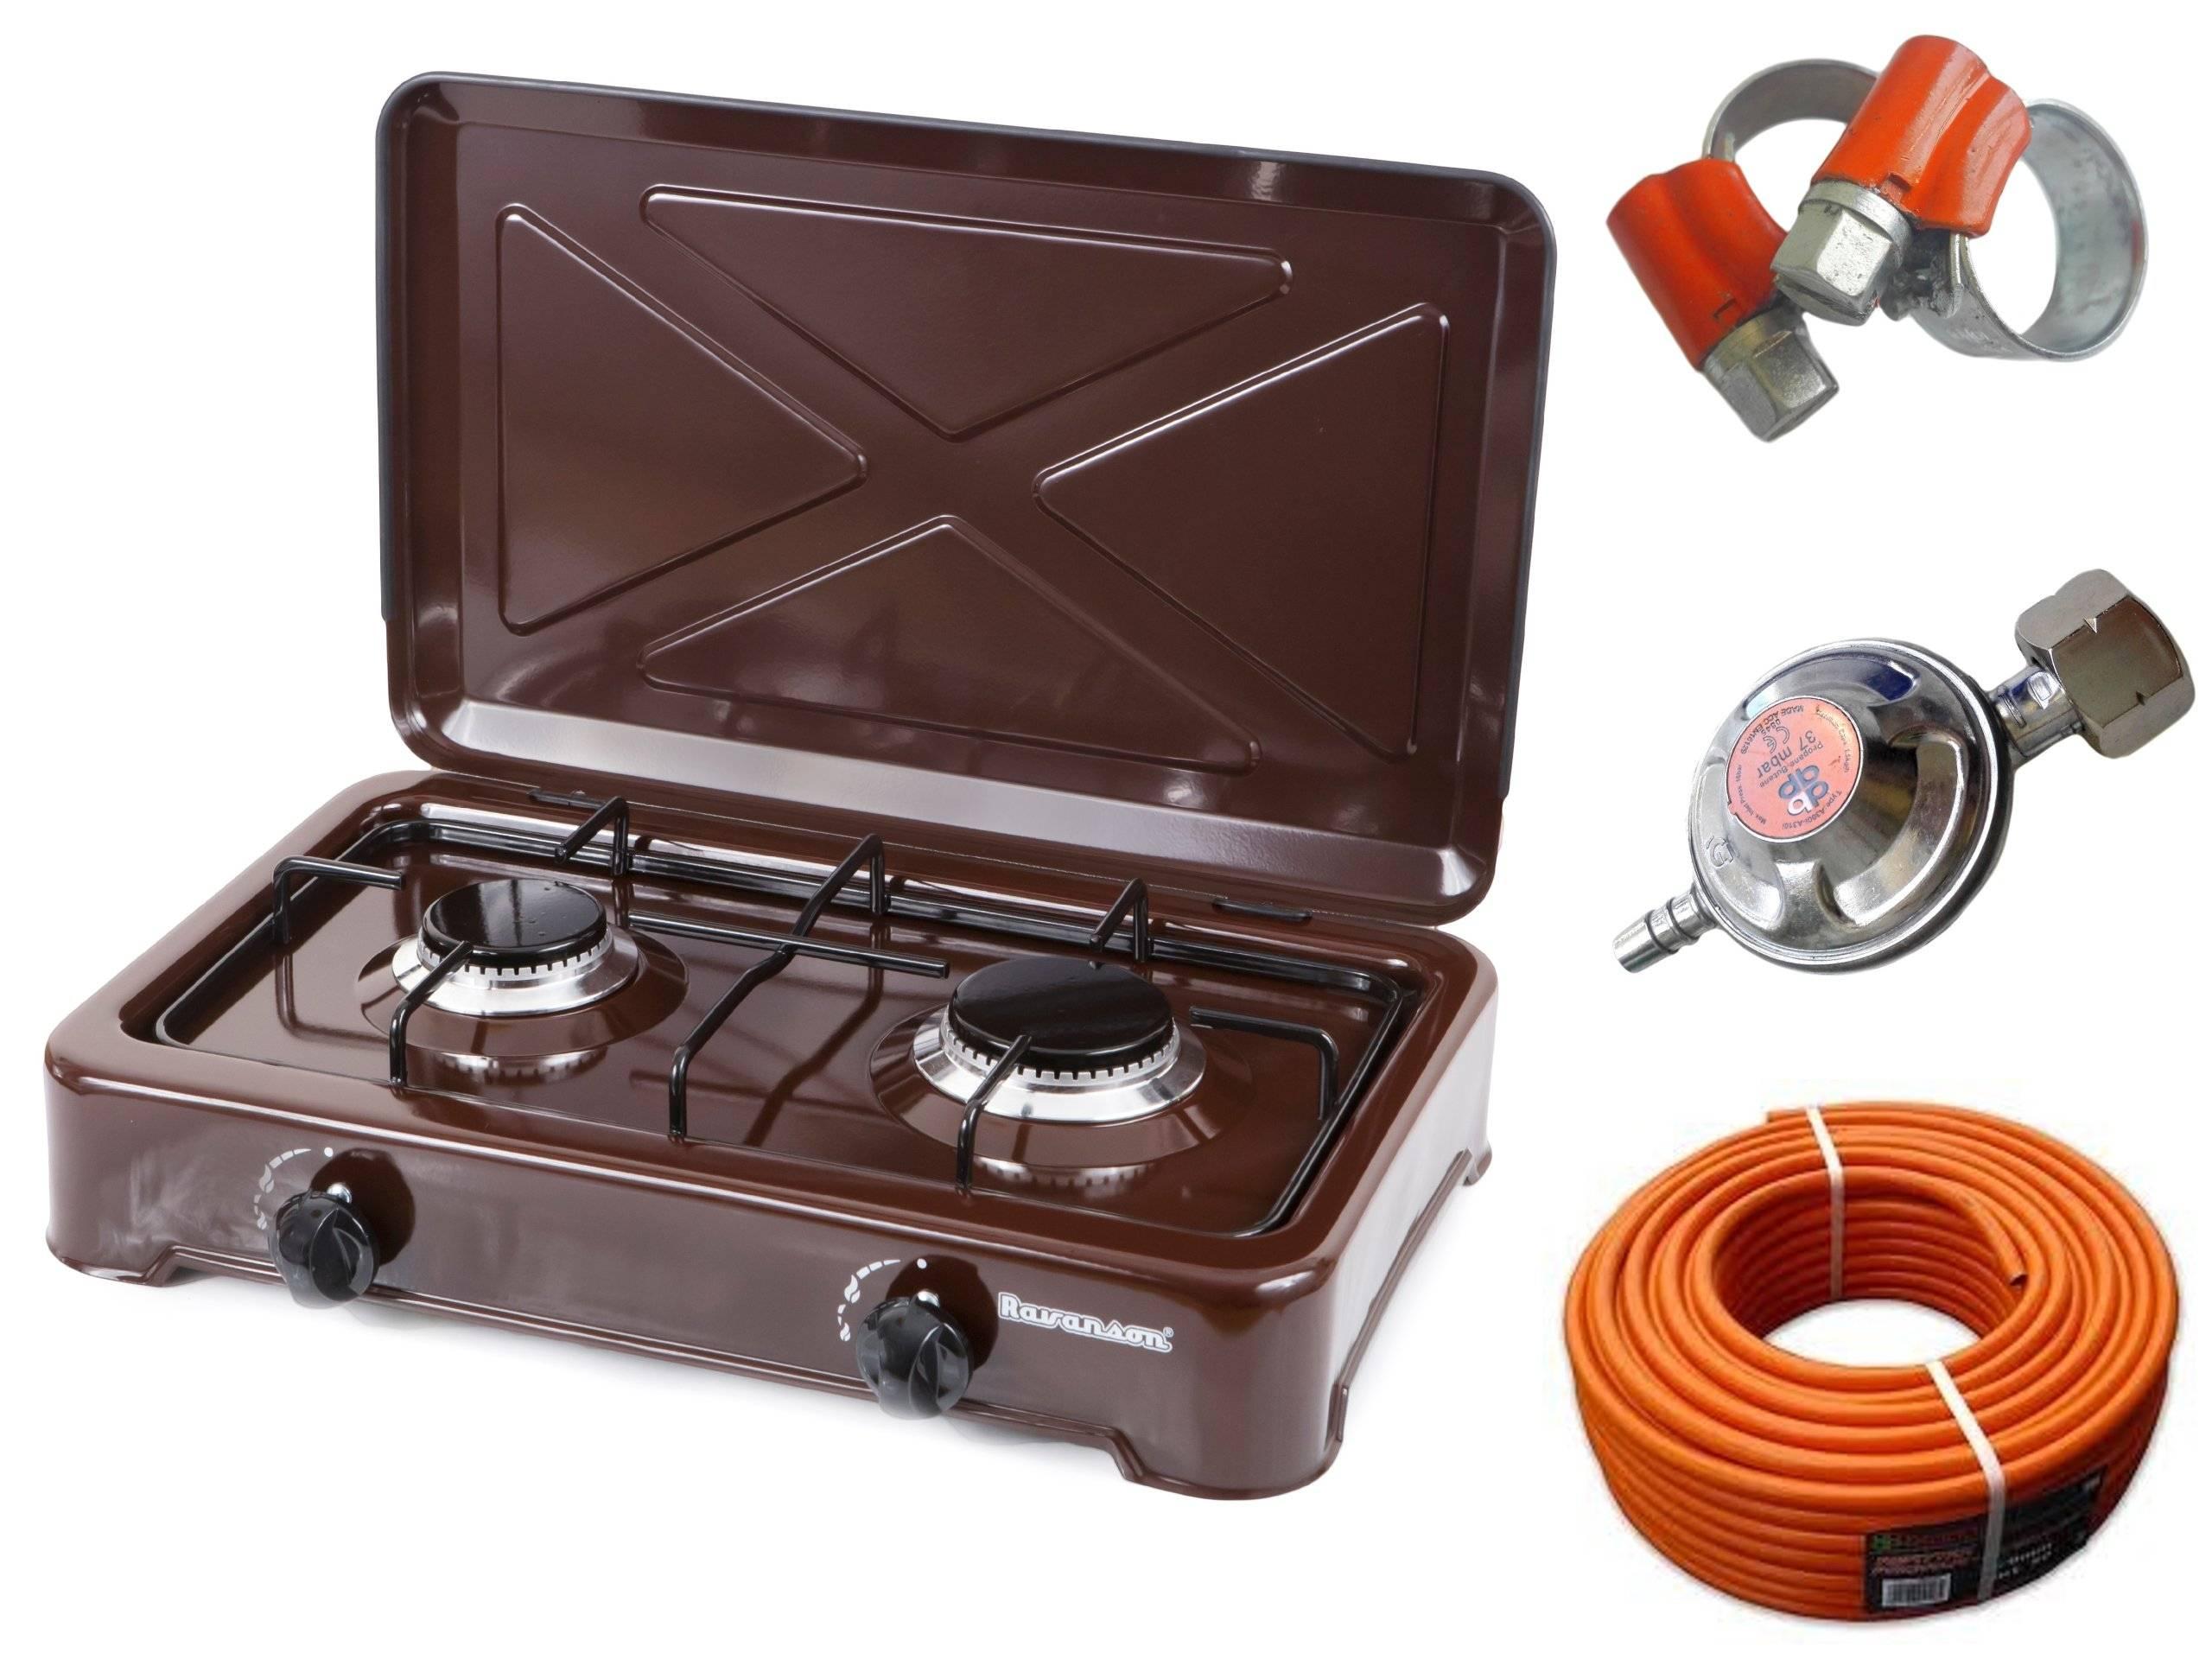 Как выбрать и подключить газовую плиту для дачи под баллон?